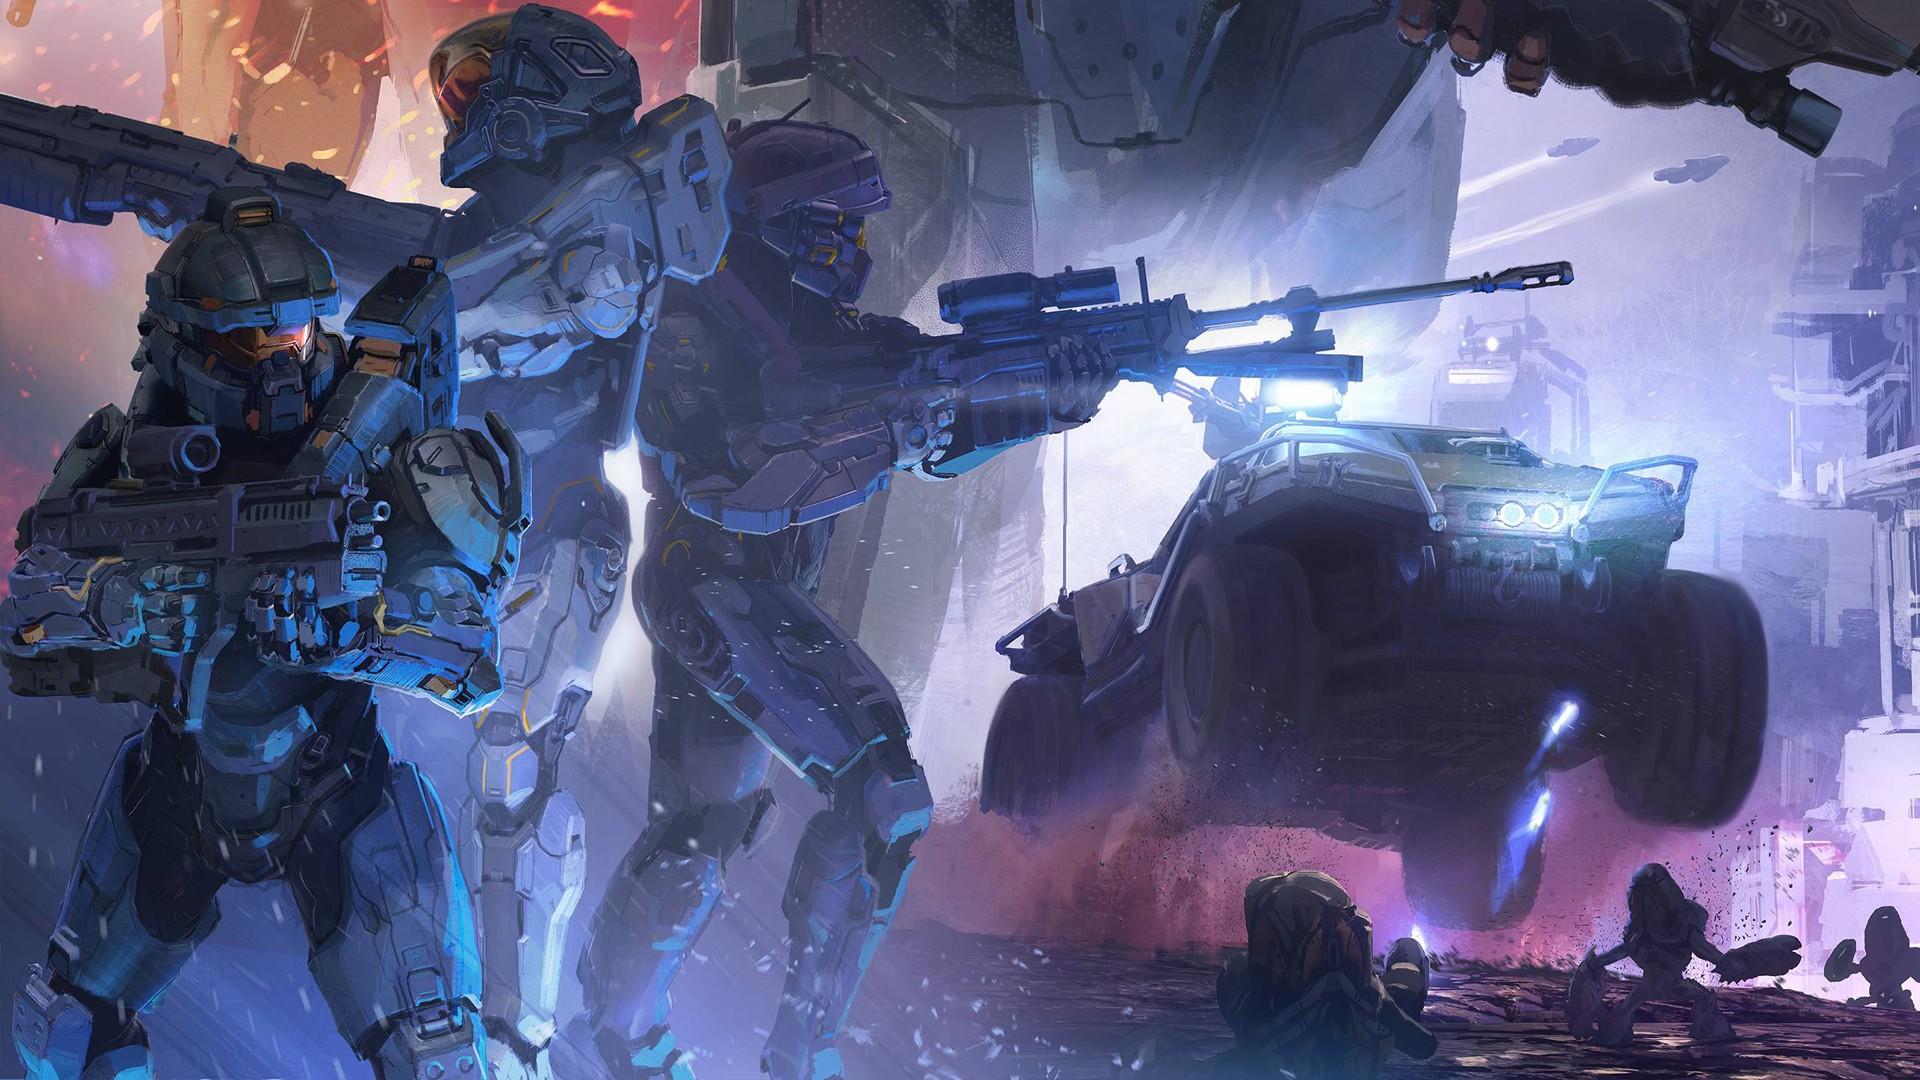 Halo 5 guardians computer wallpapers desktop backgrounds - Halo 5 guardians wallpaper 1920x1080 ...